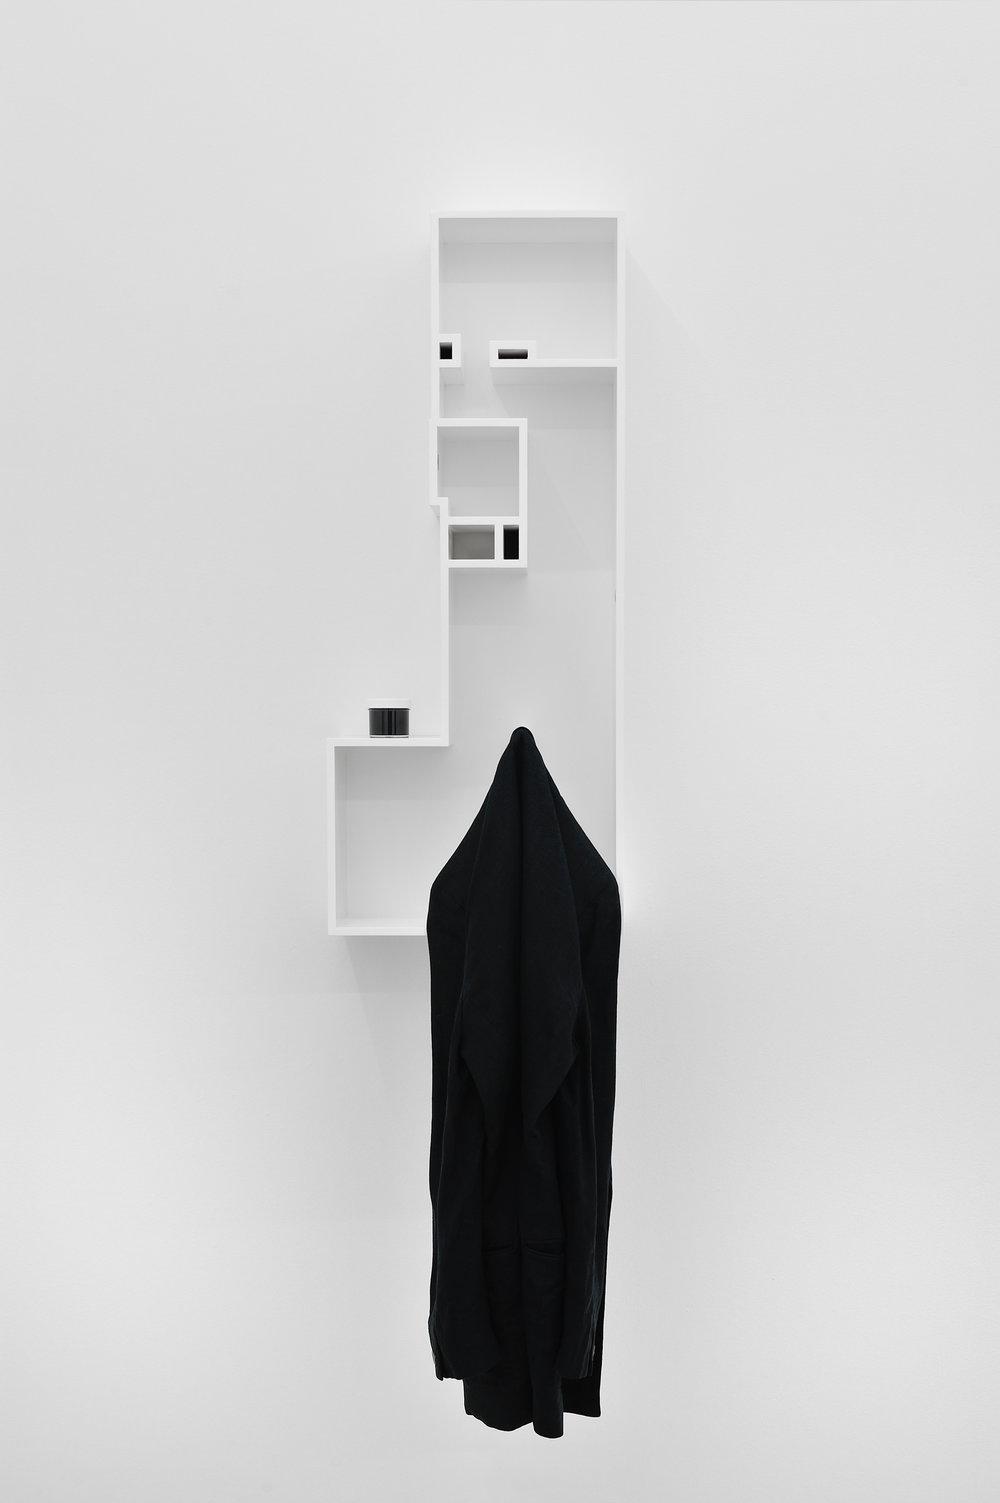 Untitled Model (FINGERPRINTS AND ANNE KLEIN II), 2015 MDF, poplar, enamel paint, acrylic paint in plastic jar, linen Anne Klein II blazer 86,7 x 35,5 x 16,5 cm - 34 1/8 x 14 x 6 1/2 inches